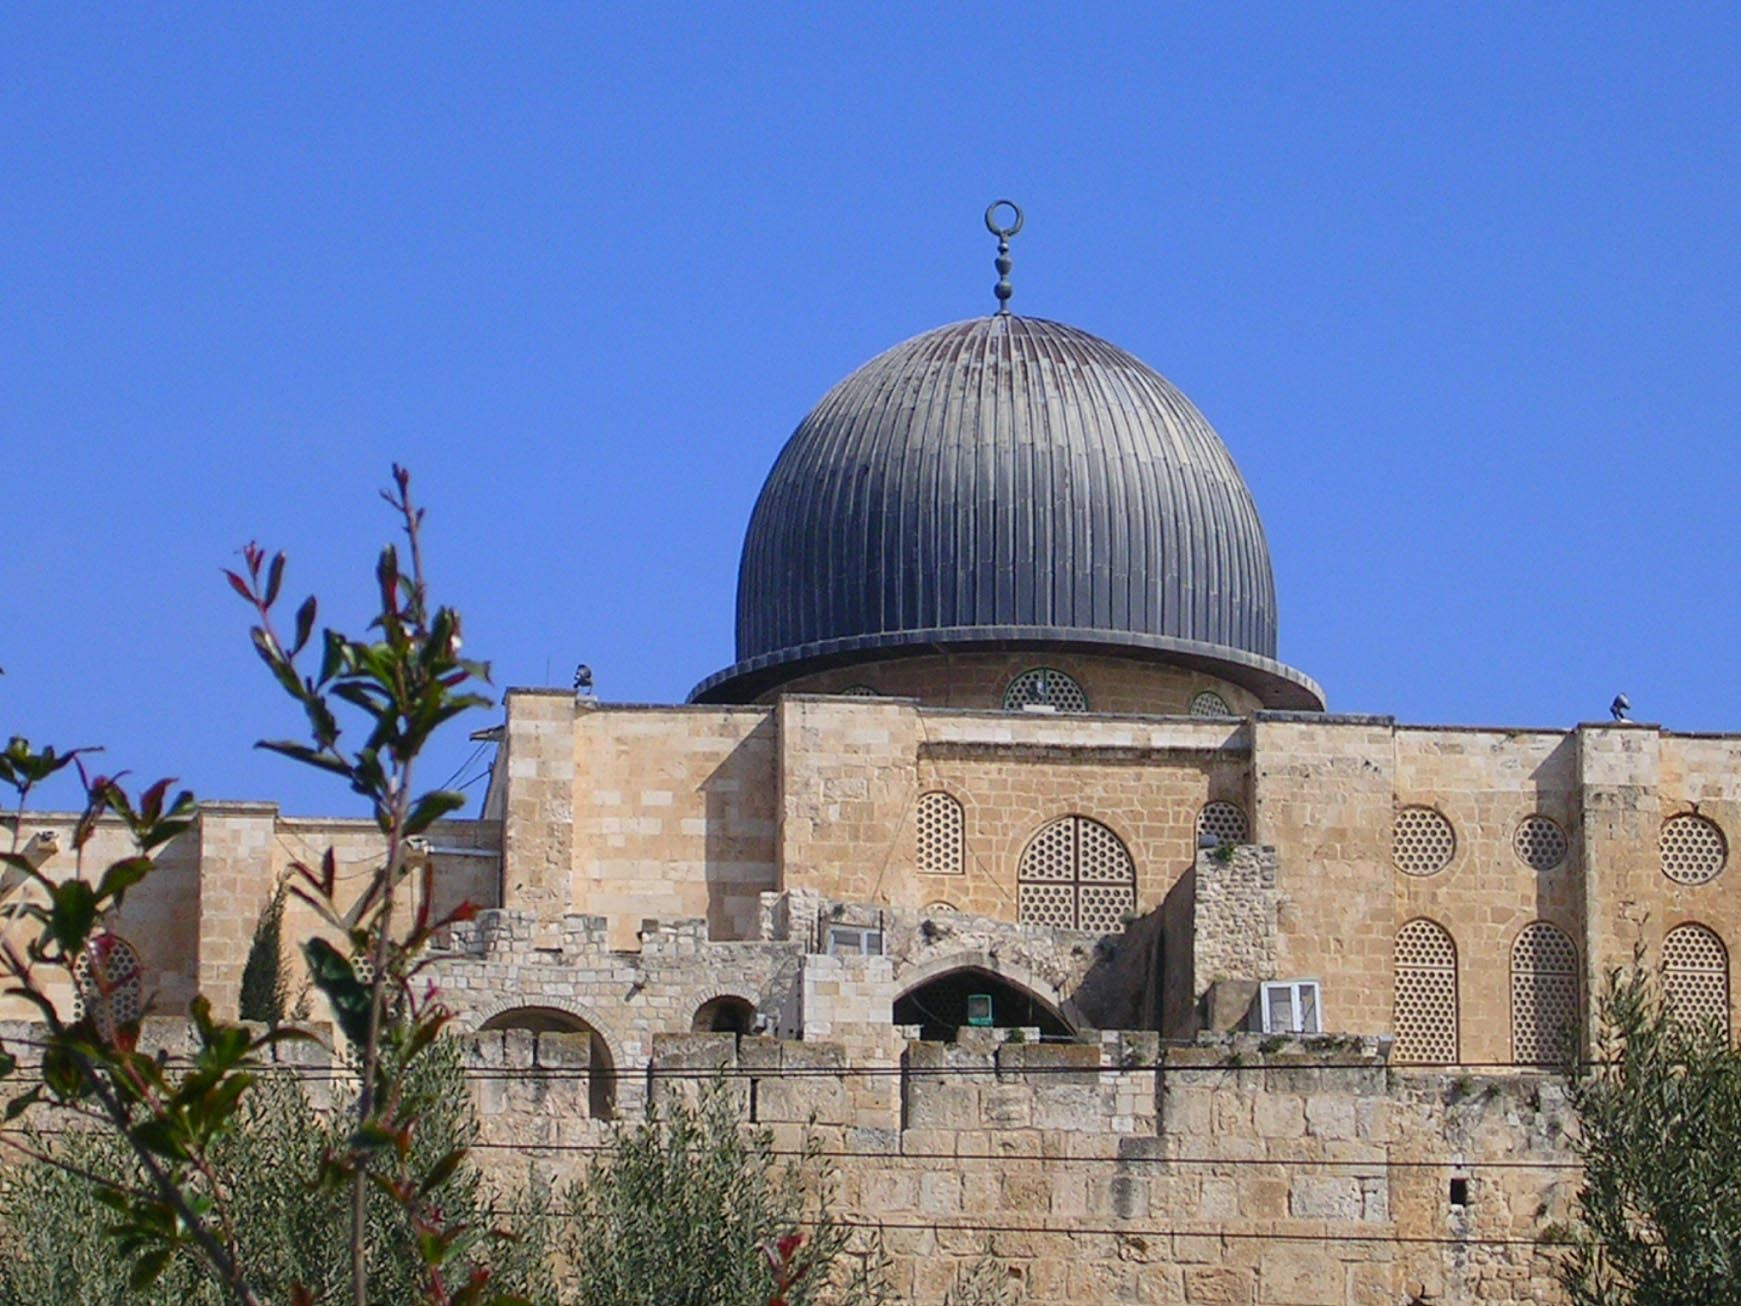 بالصور صور المسجد الاقصى , اجمل صور للمسجد الاقصى 1177 8